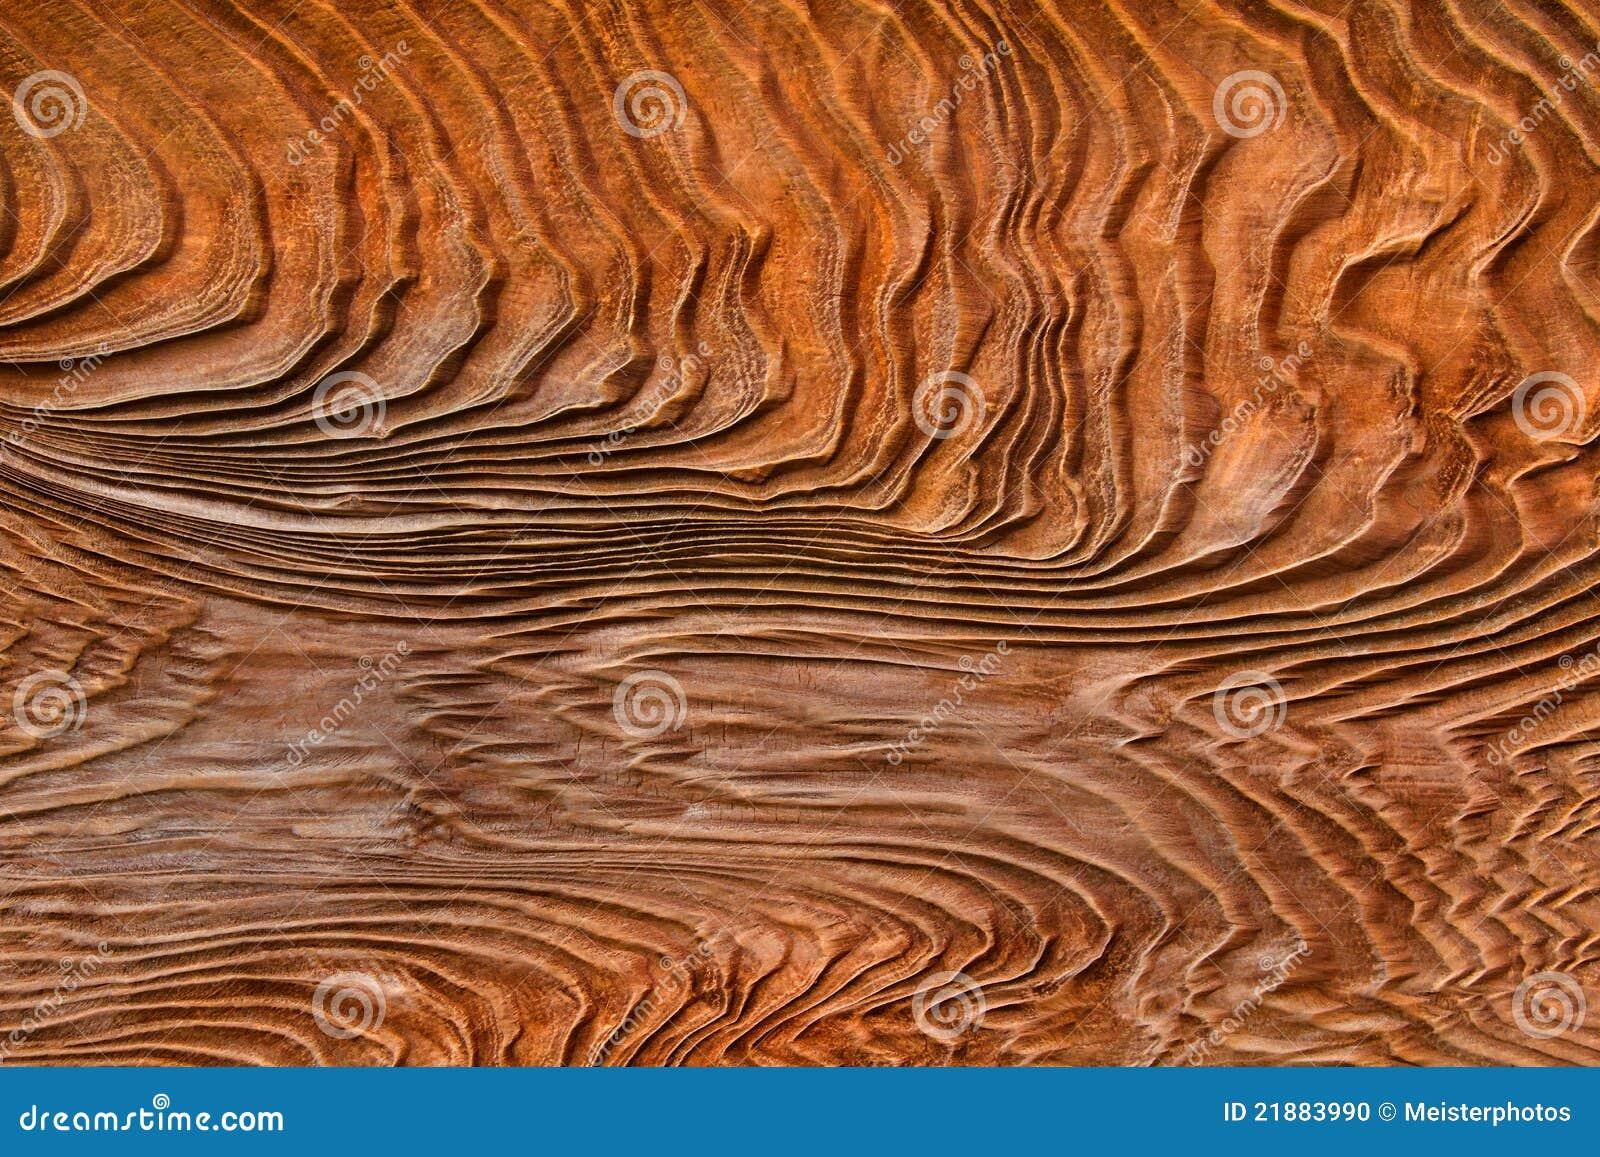 背景谷物面板被构造的被风化的木头